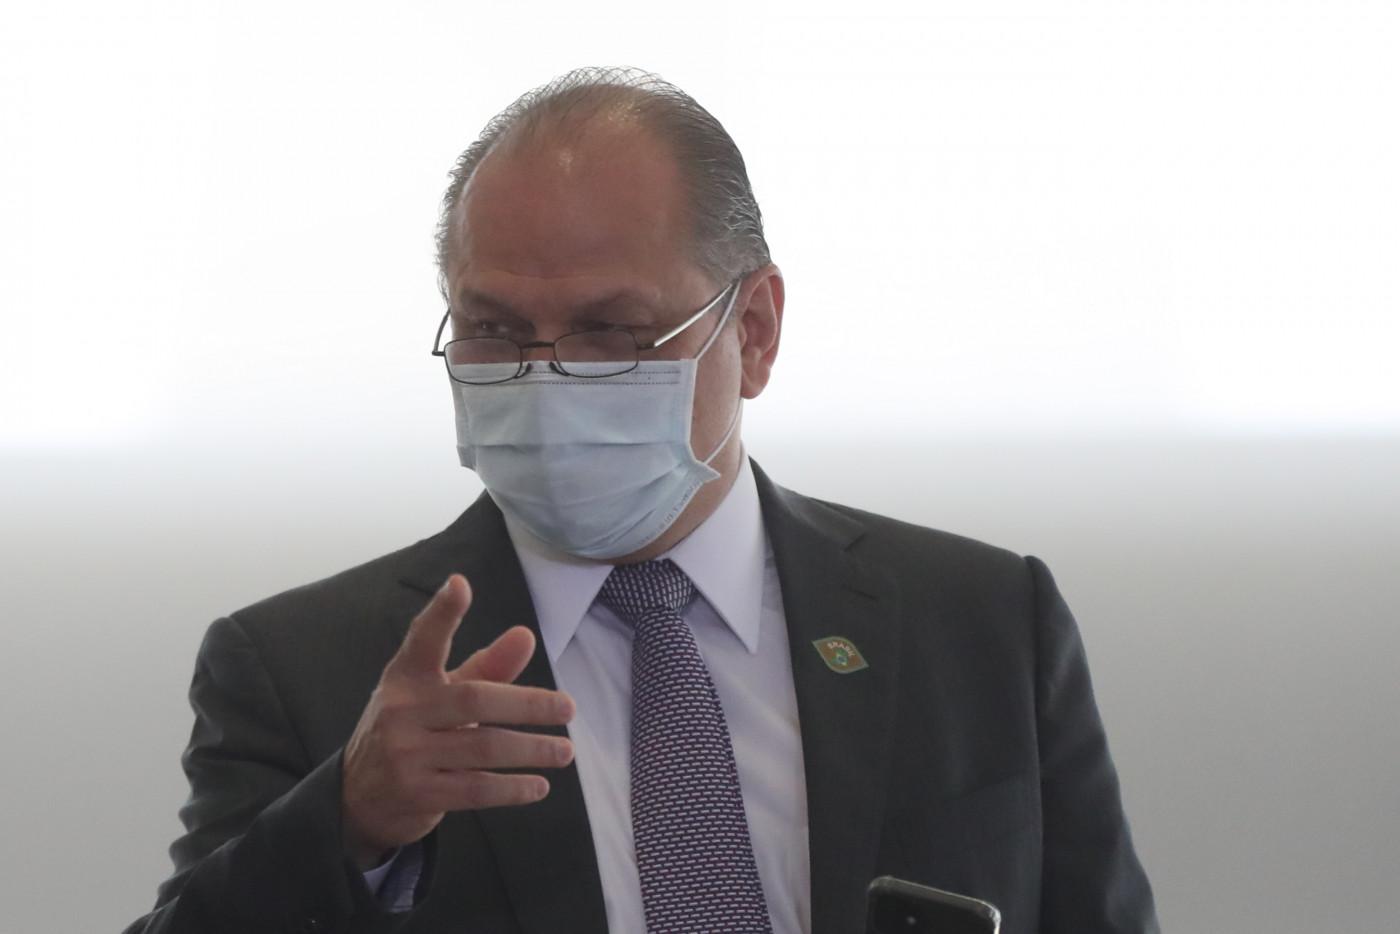 O deputado federal, Ricardo Barros, conversando e apontando com o dedo